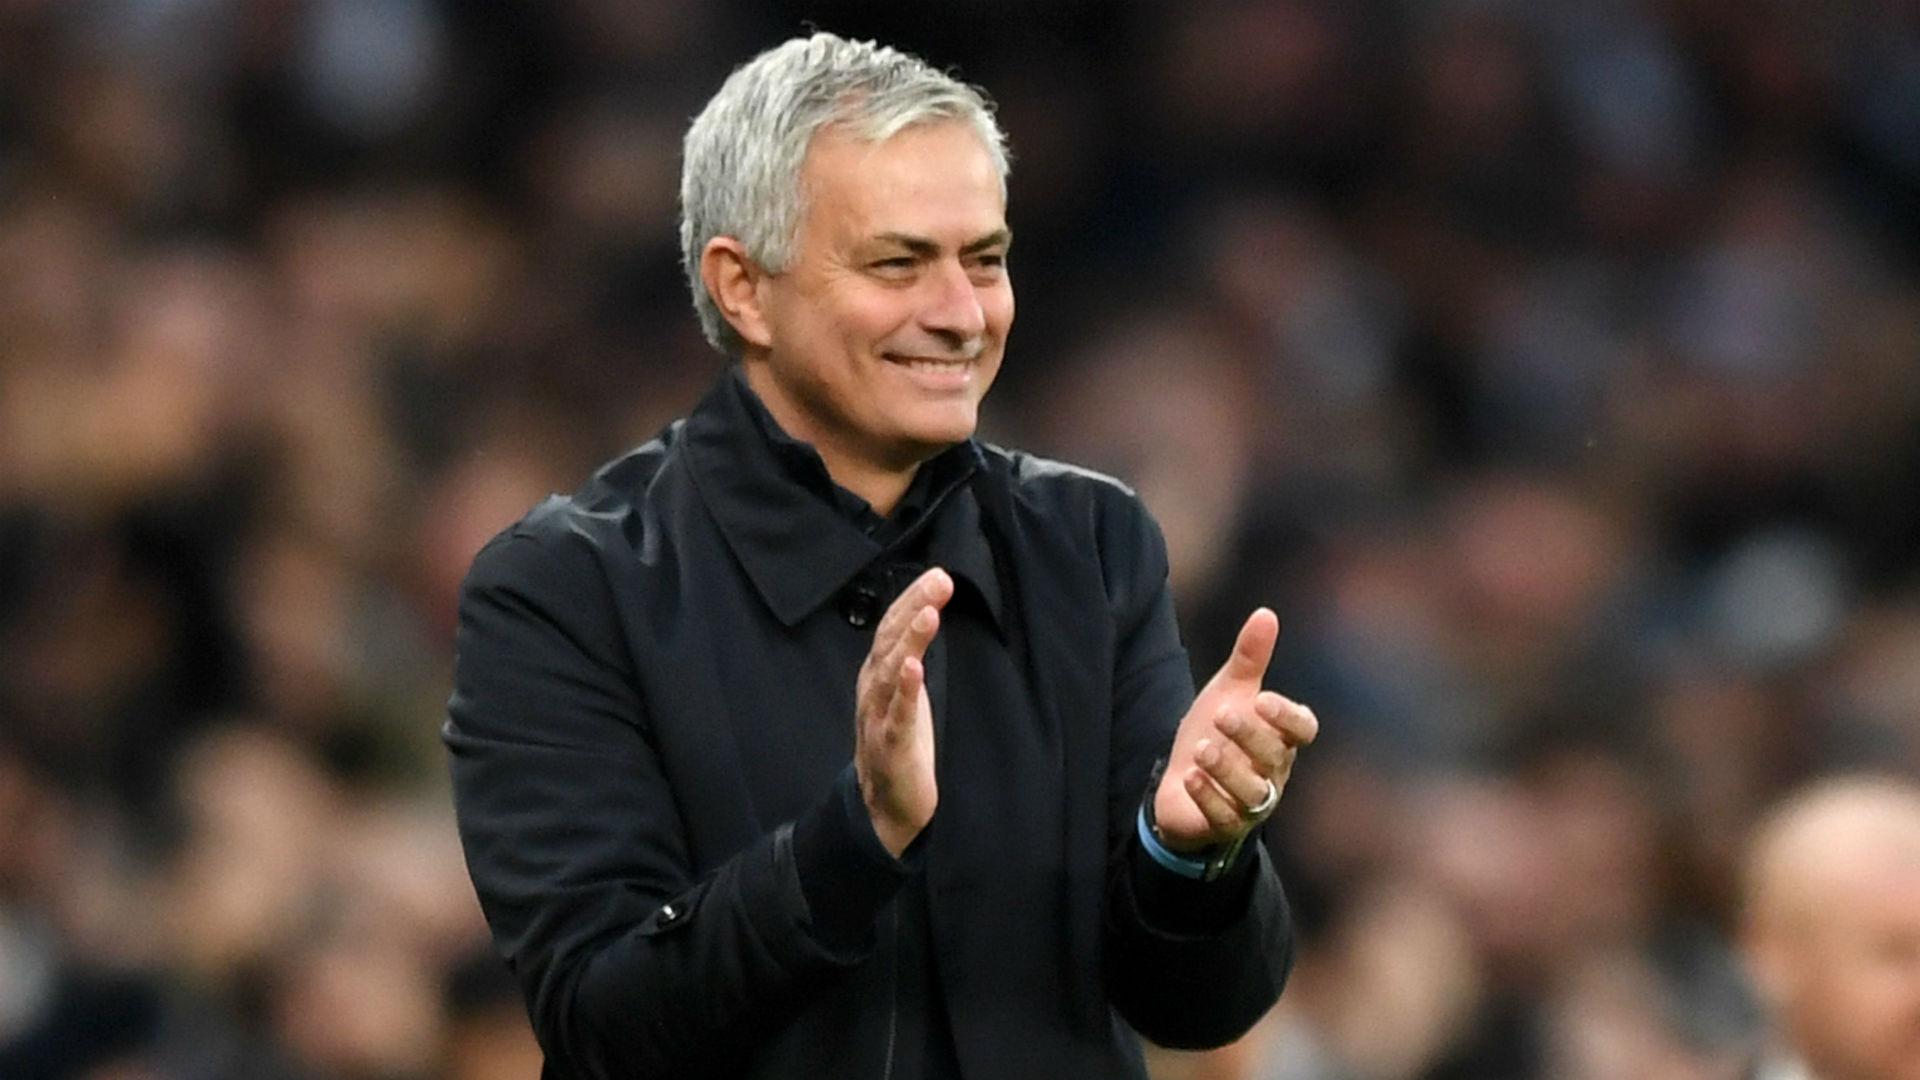 'Mourinho will do a great job at Tottenham' - Bosingwa ...